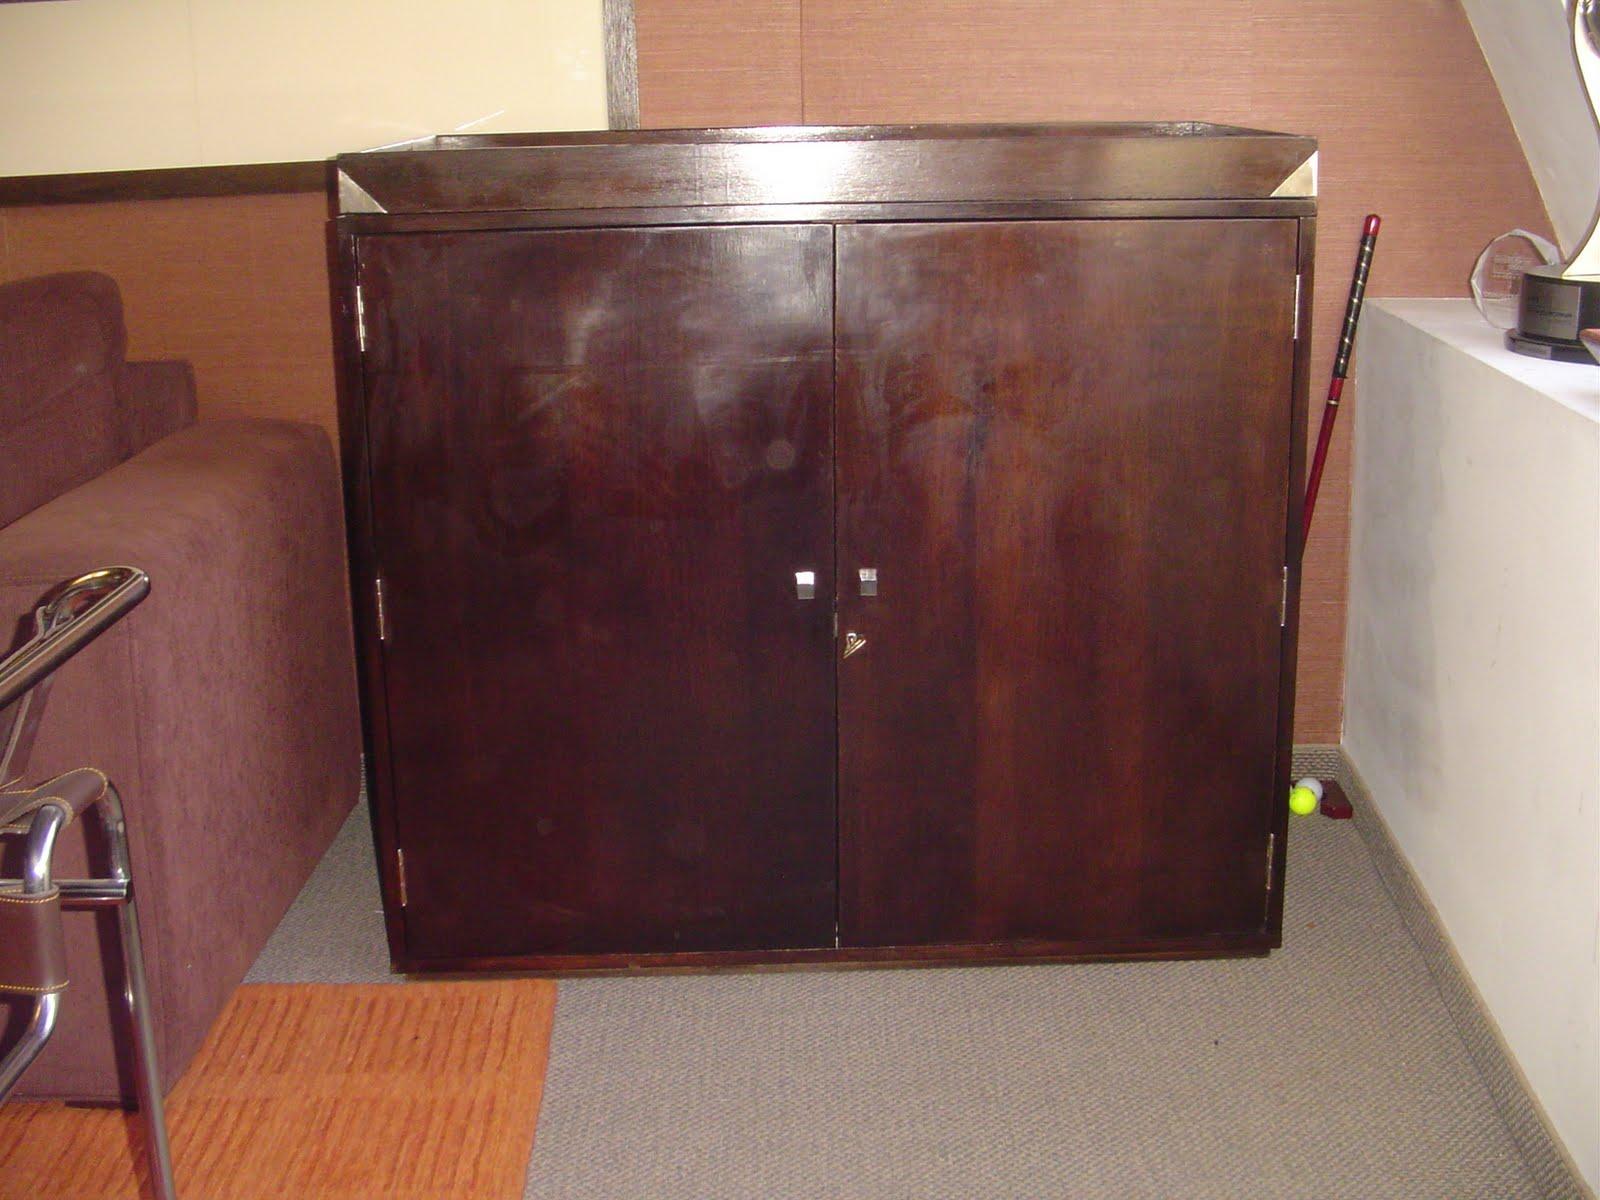 Pintar Muebles Laminados How To Paint Laminate Furniture Must Pin  # Muebles Laminados